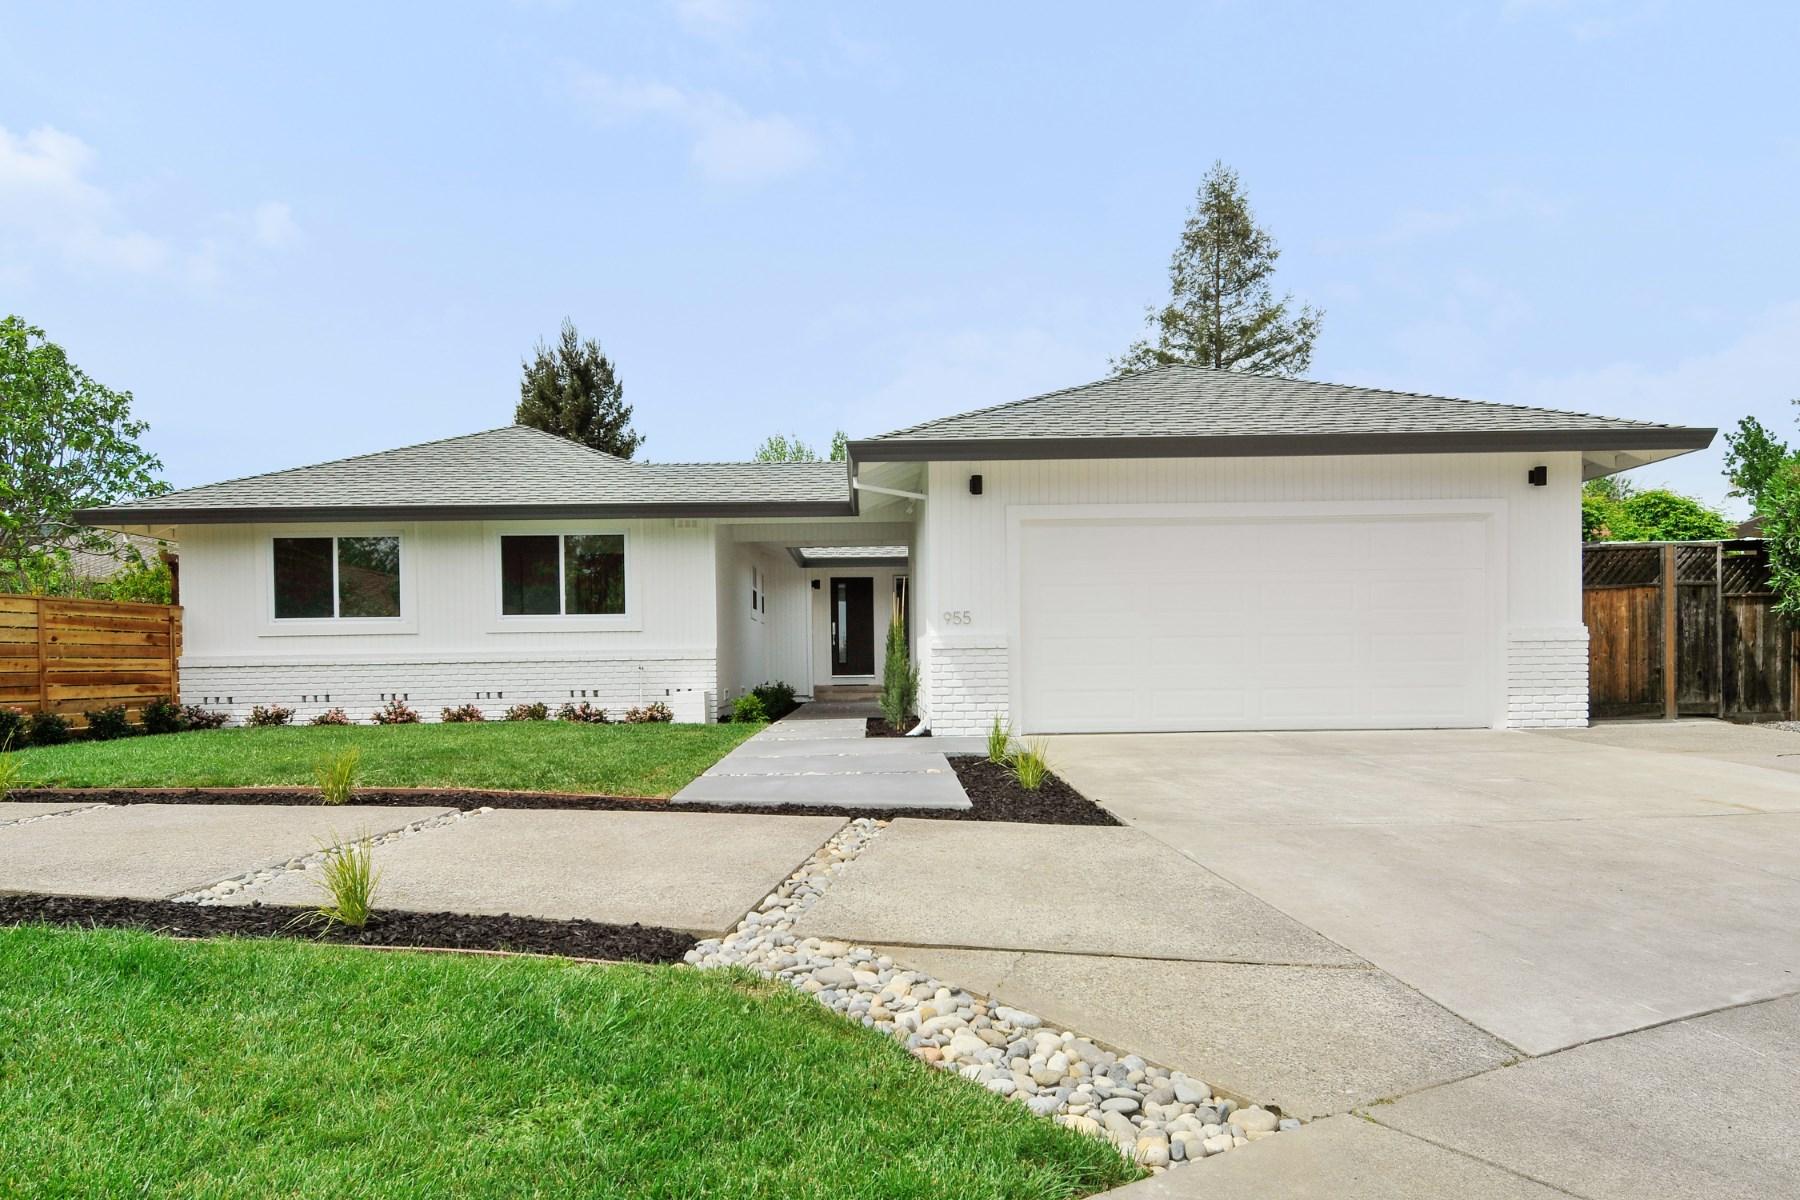 Tek Ailelik Ev için Satış at Single Story Sonoma Home 955 Lori Ct Sonoma, Kaliforniya, 95476 Amerika Birleşik Devletleri